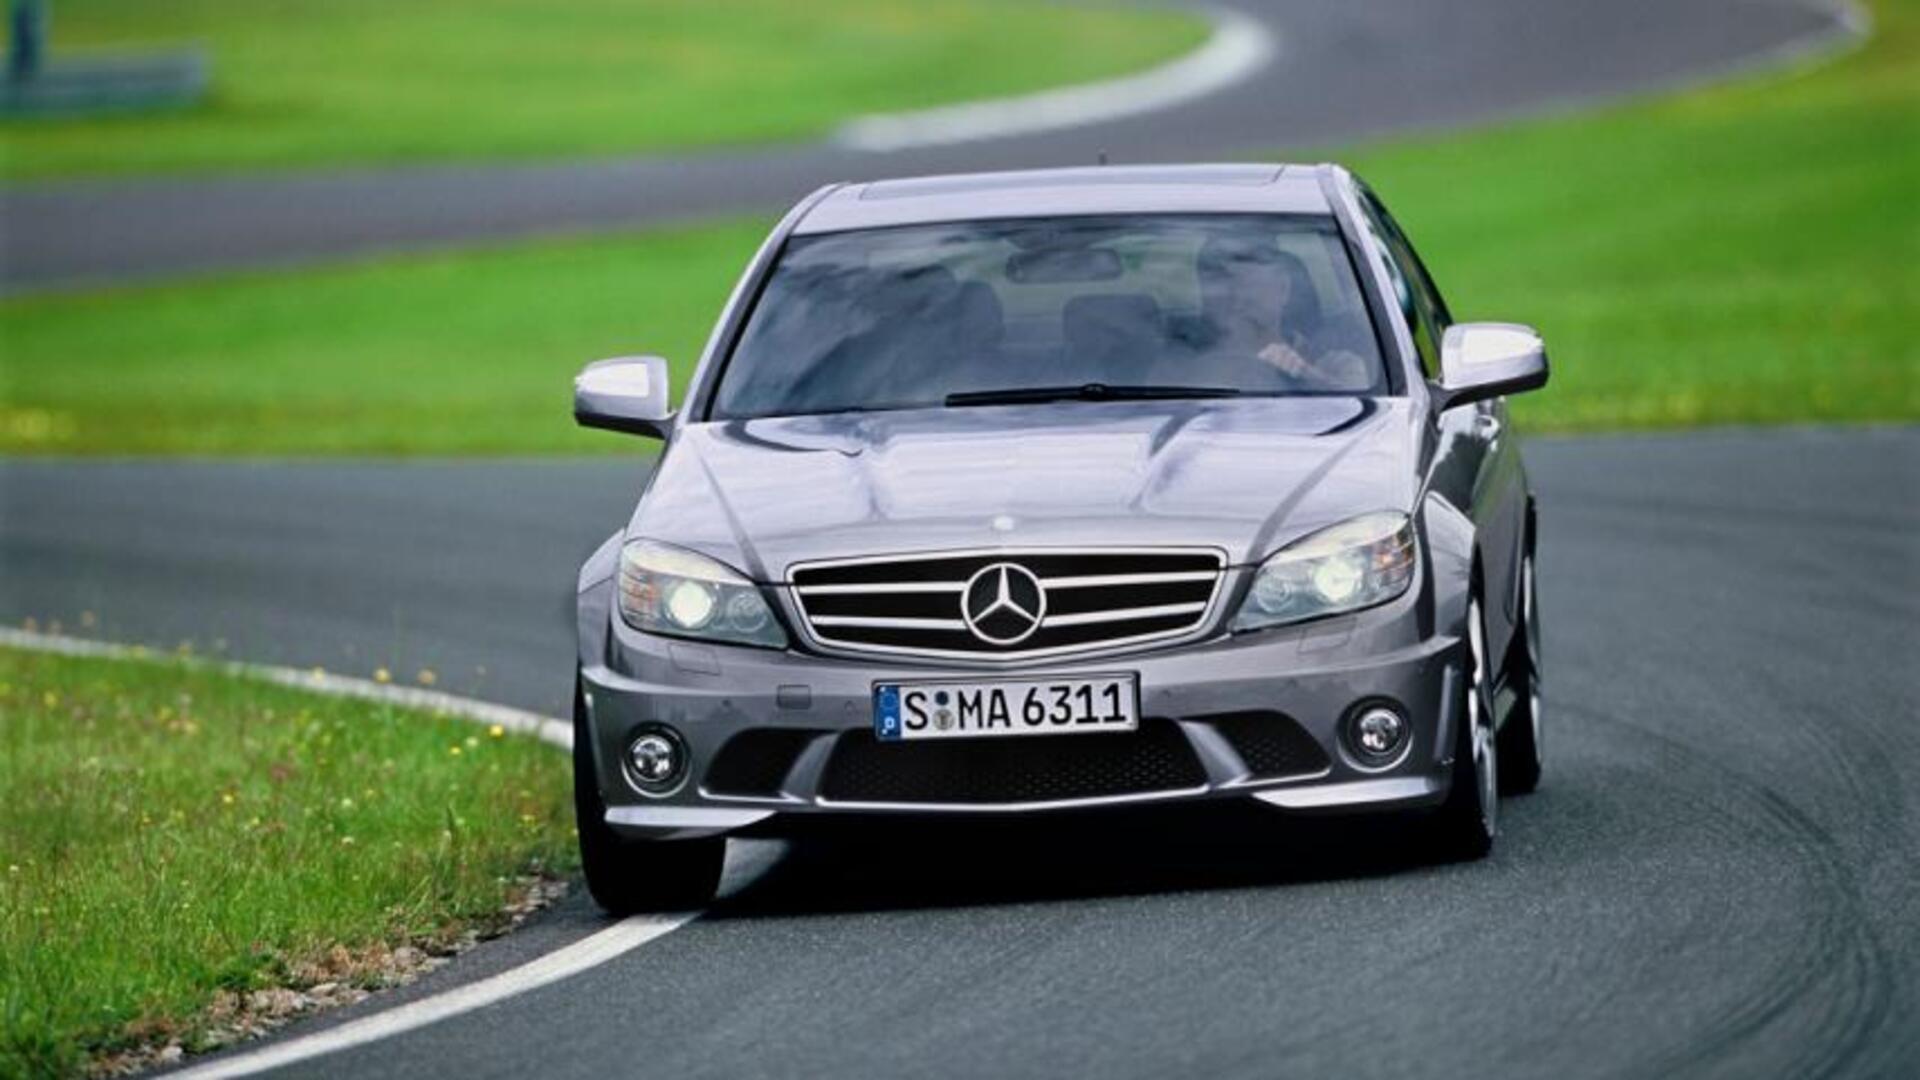 Mercedes C63 Amg 2007 W204 1846629